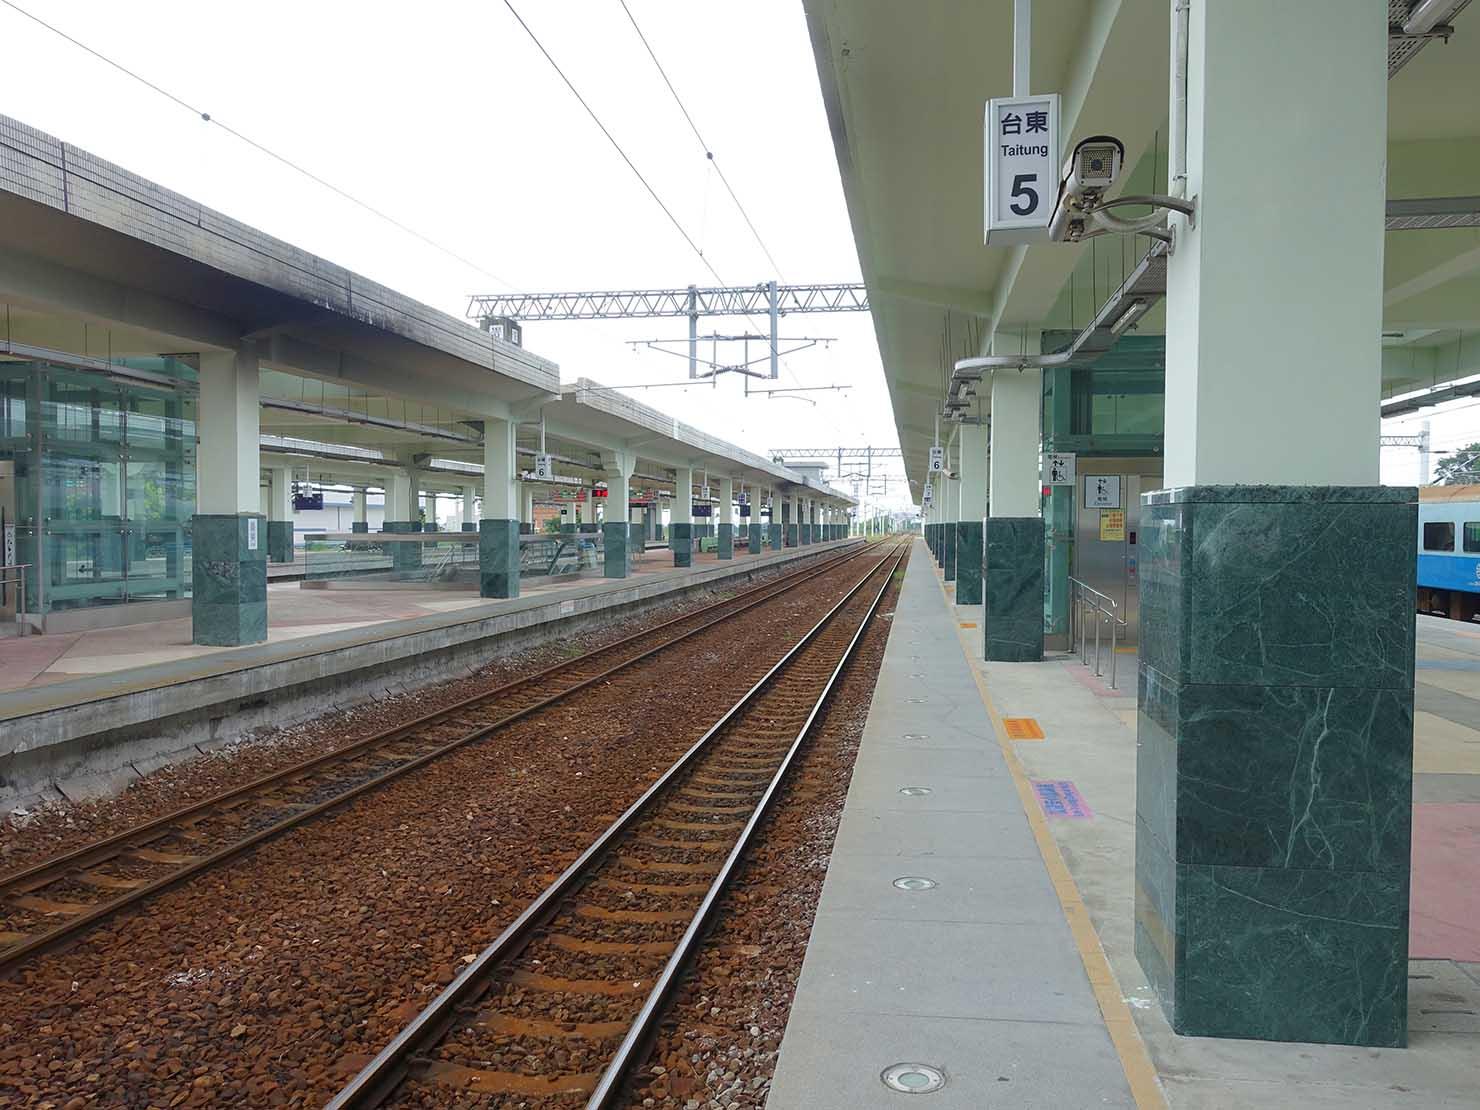 台湾鉄道・台東駅のホーム